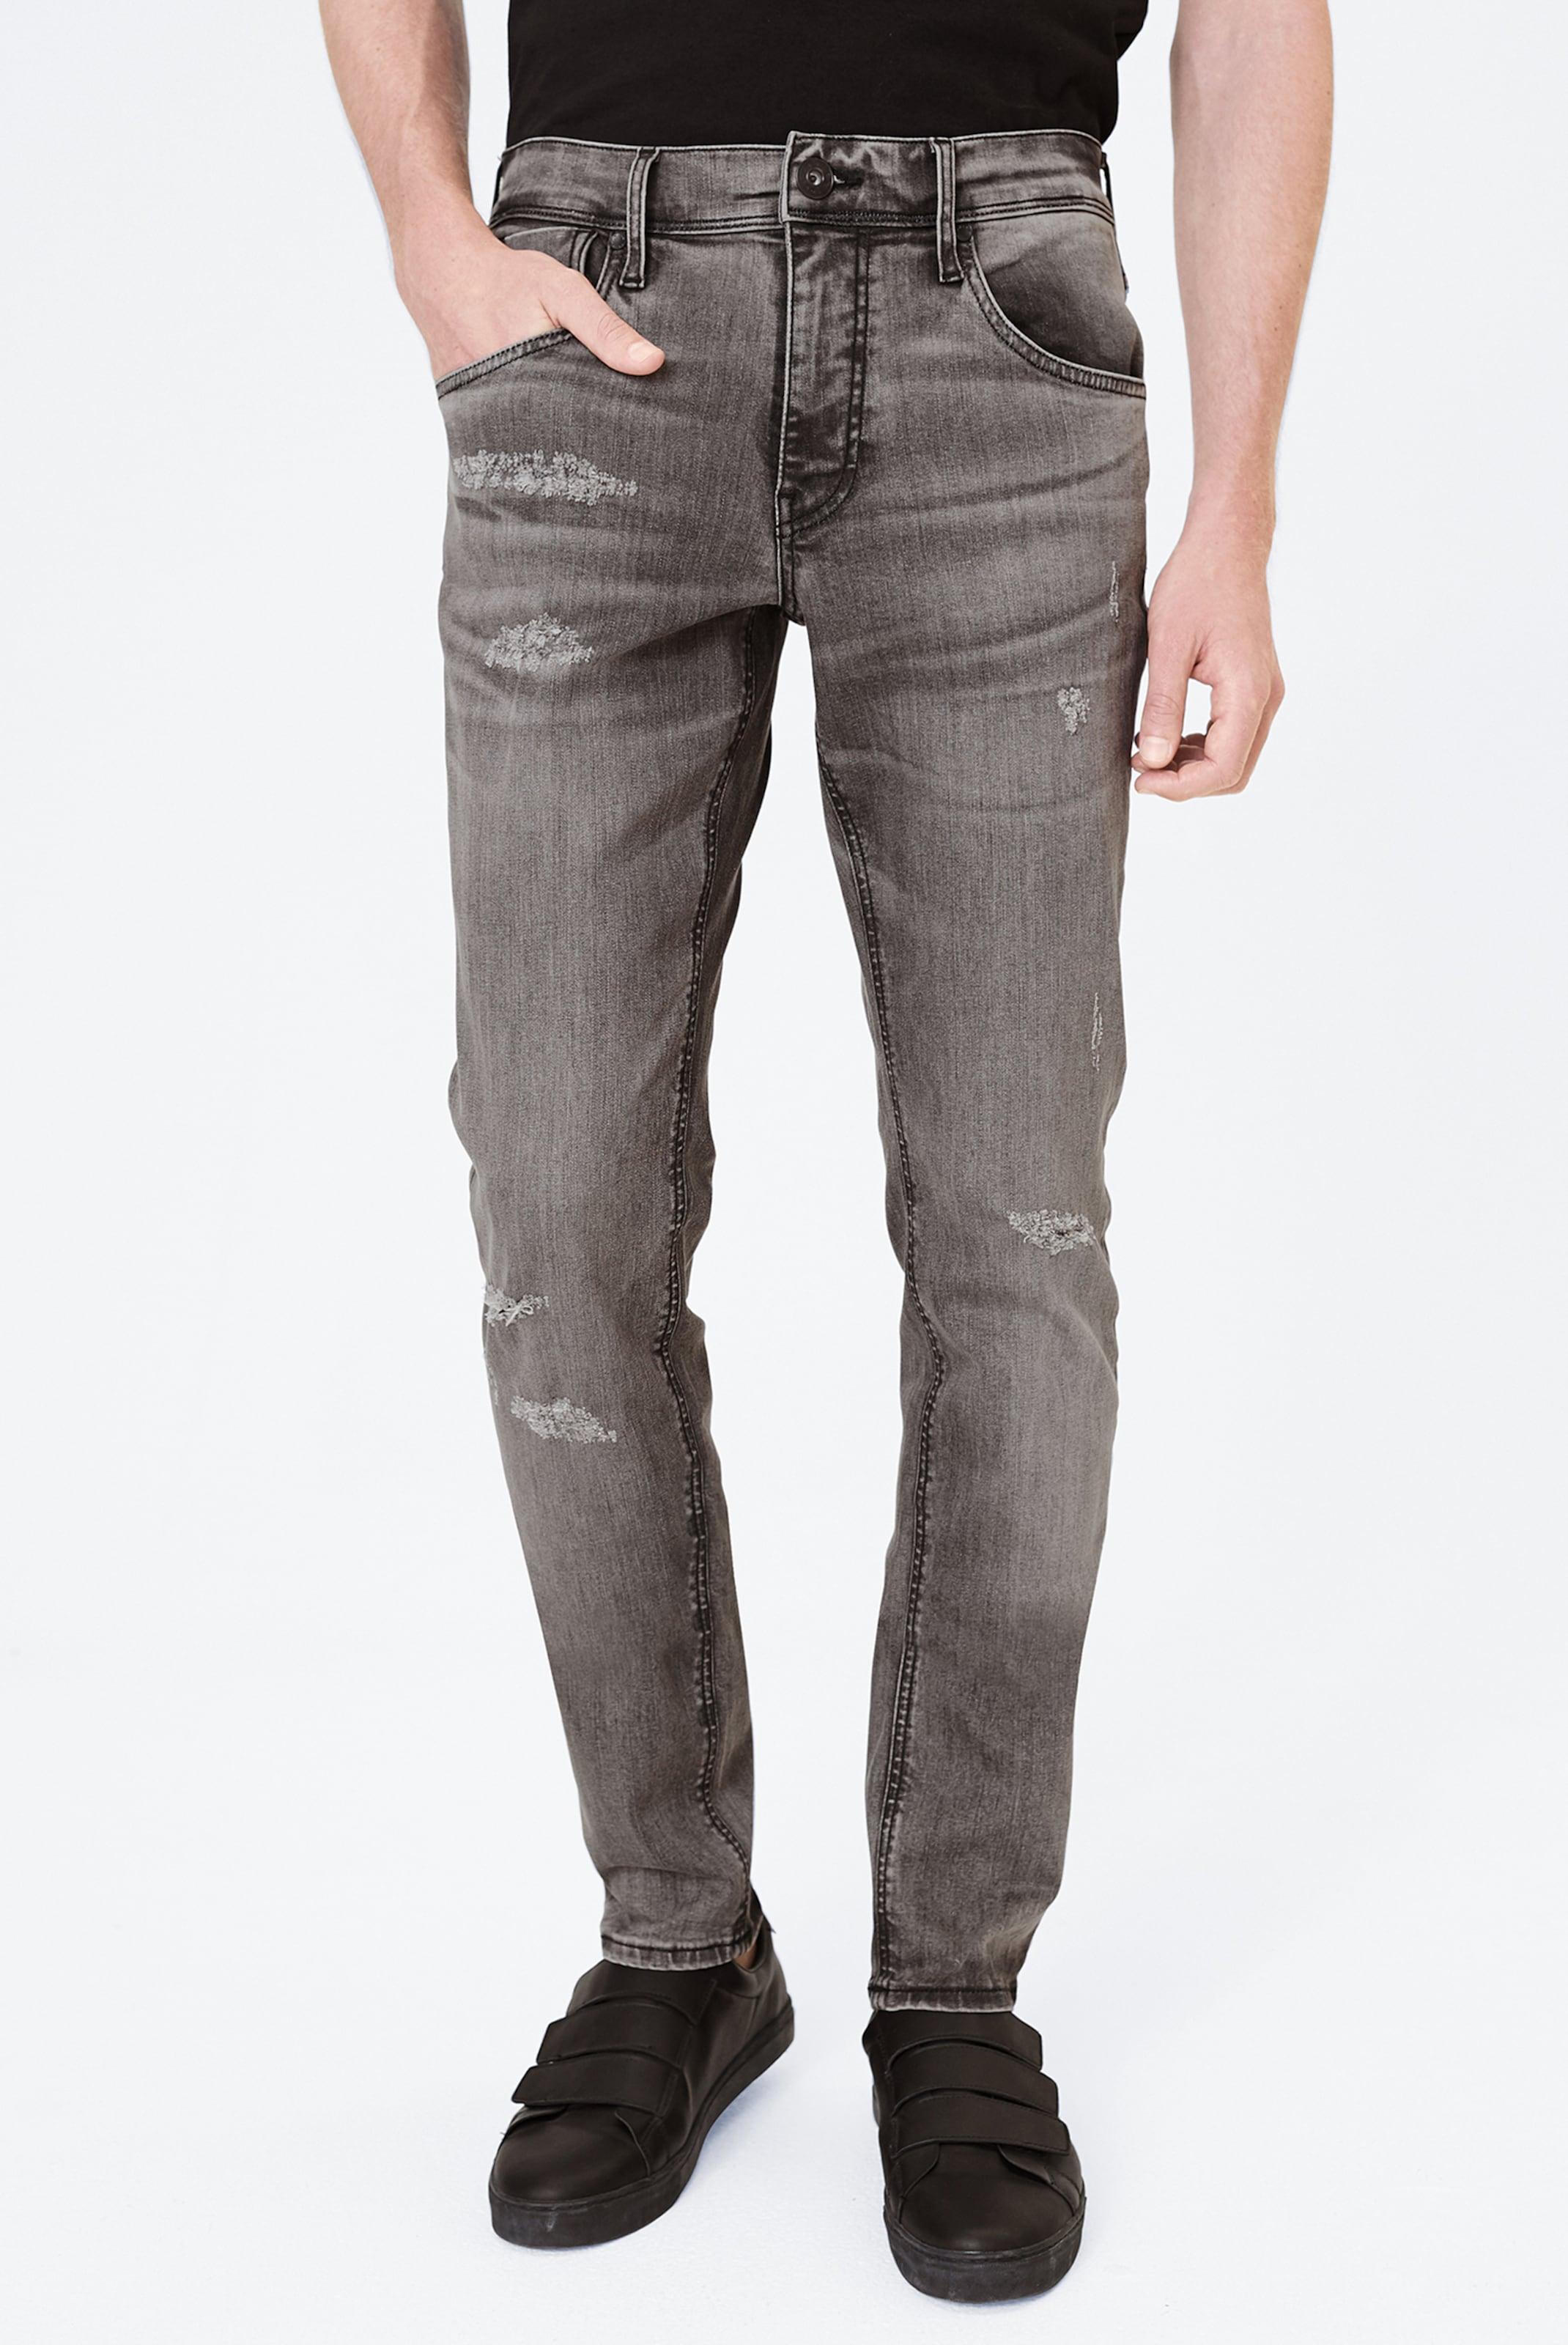 Harlem Soul Jeans in grey denim Jeans I00045265BLA0480HJ3228